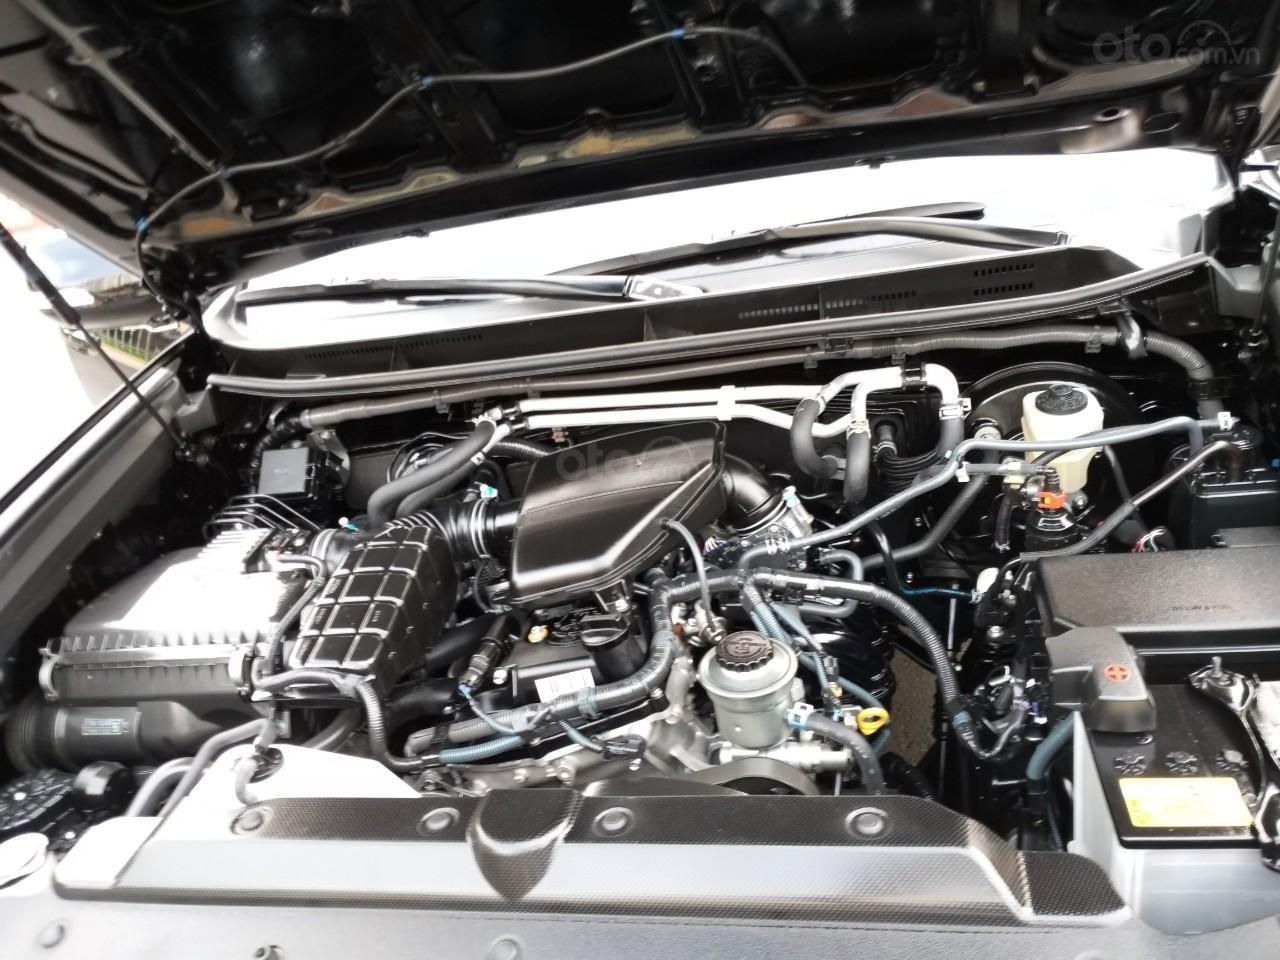 Toyota Prado TXL model 2017, màu đen, nhập khẩu, mới 99,9% như xe thùng, giá chỉ 2 tỷ 30 triệu-5